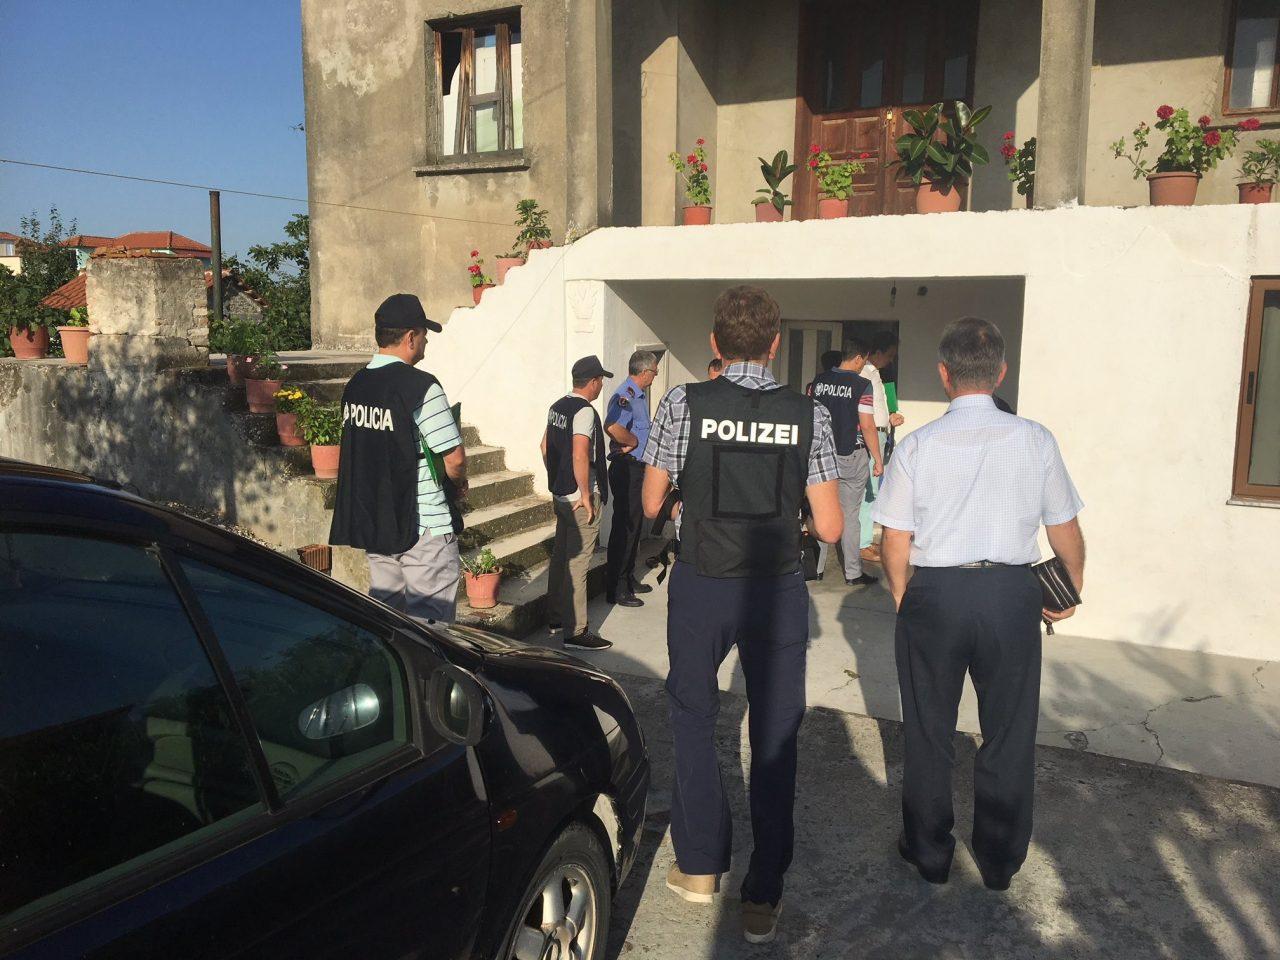 Policia-gjermane-1280x960.jpg